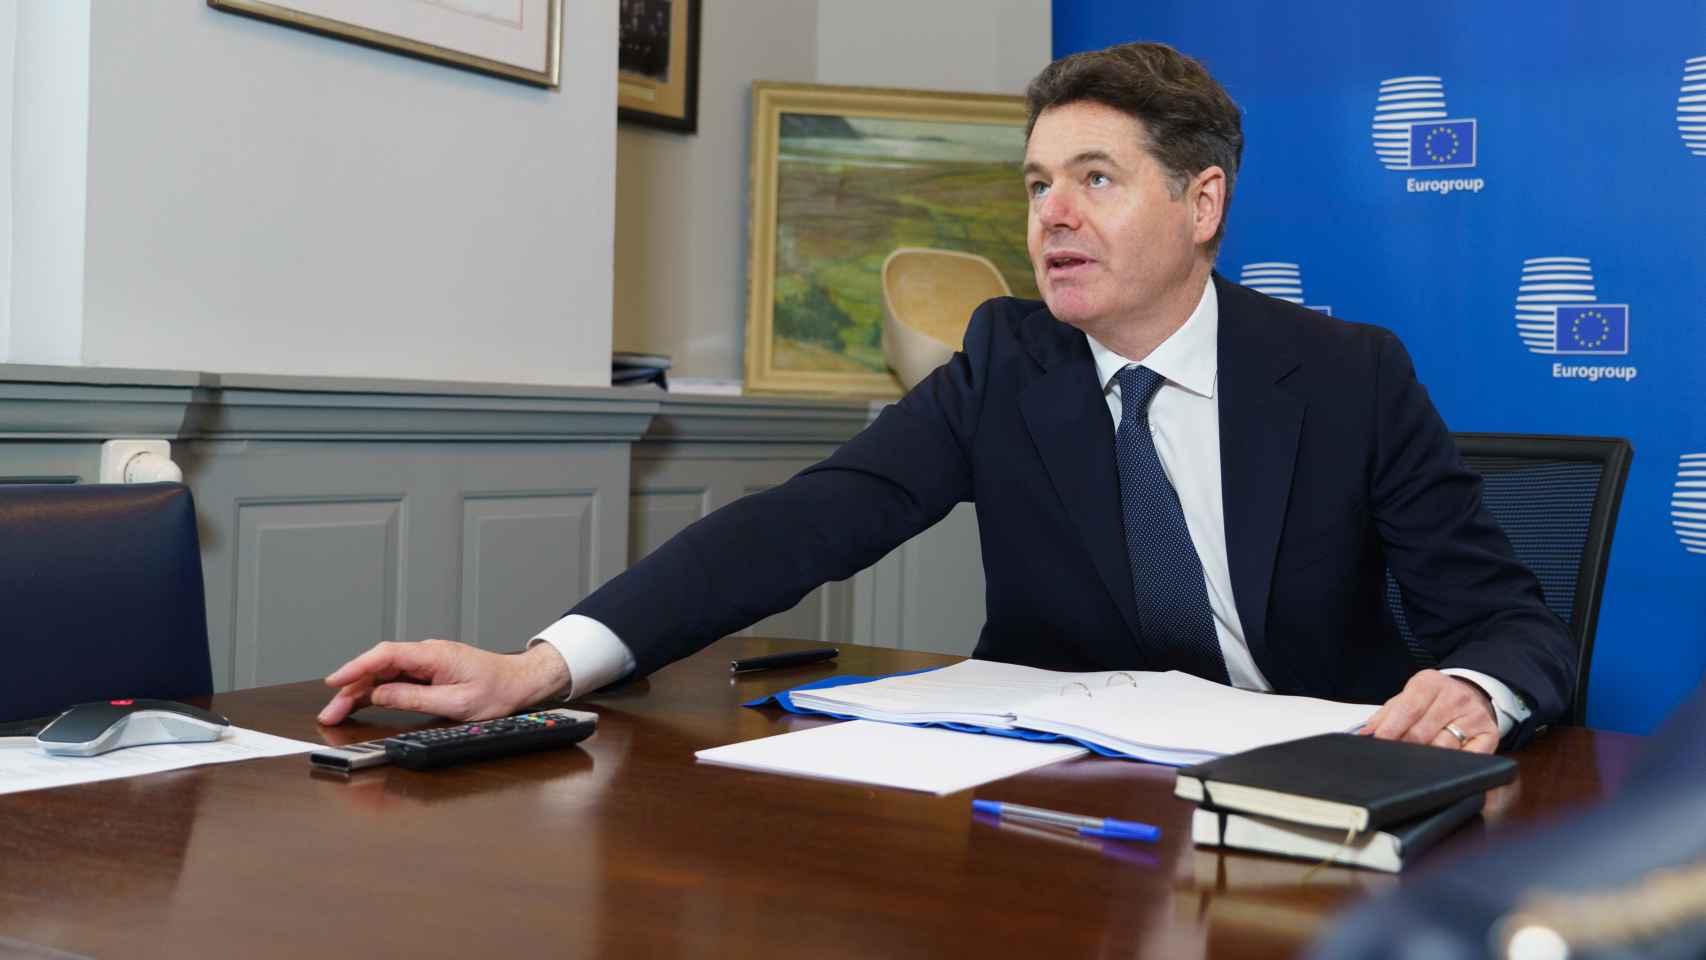 El presidente del Eurogrupo, Paschal Donohoe, durante la videoconferencia de este lunes